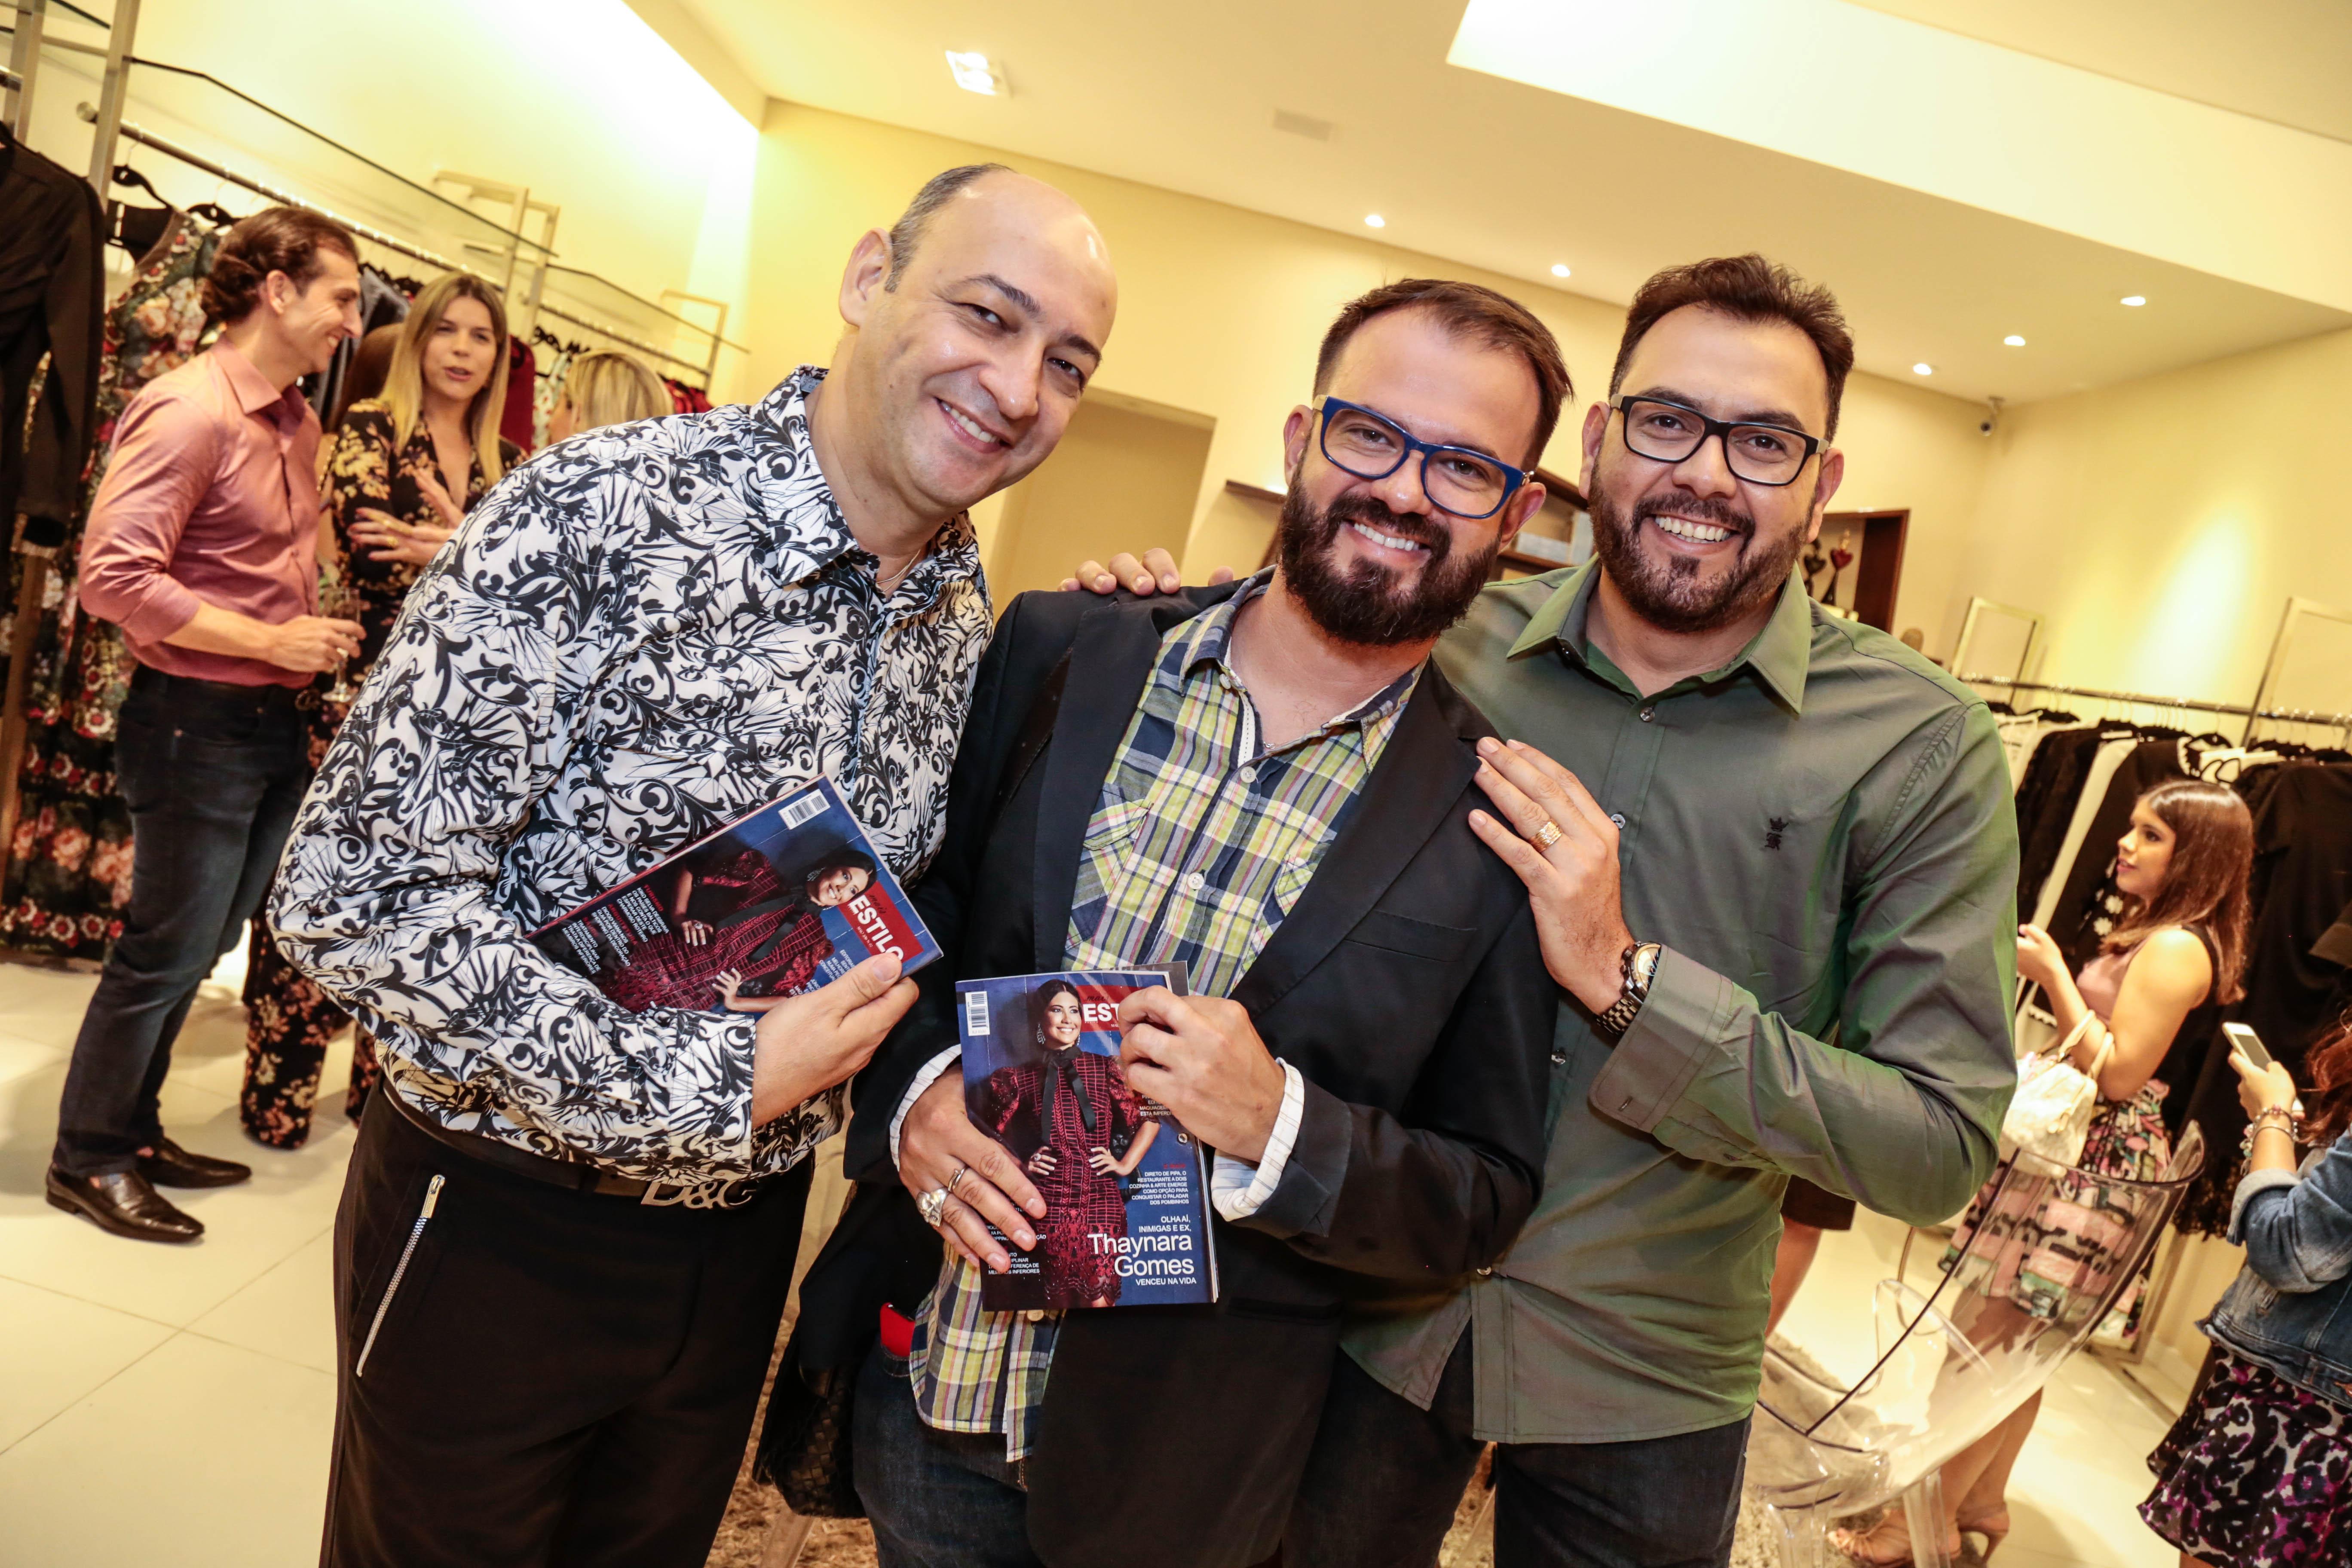 Cesar Santos, Leo Silva e Auricélio Romão - Crédito: Gleyson Ramos/Divulgação